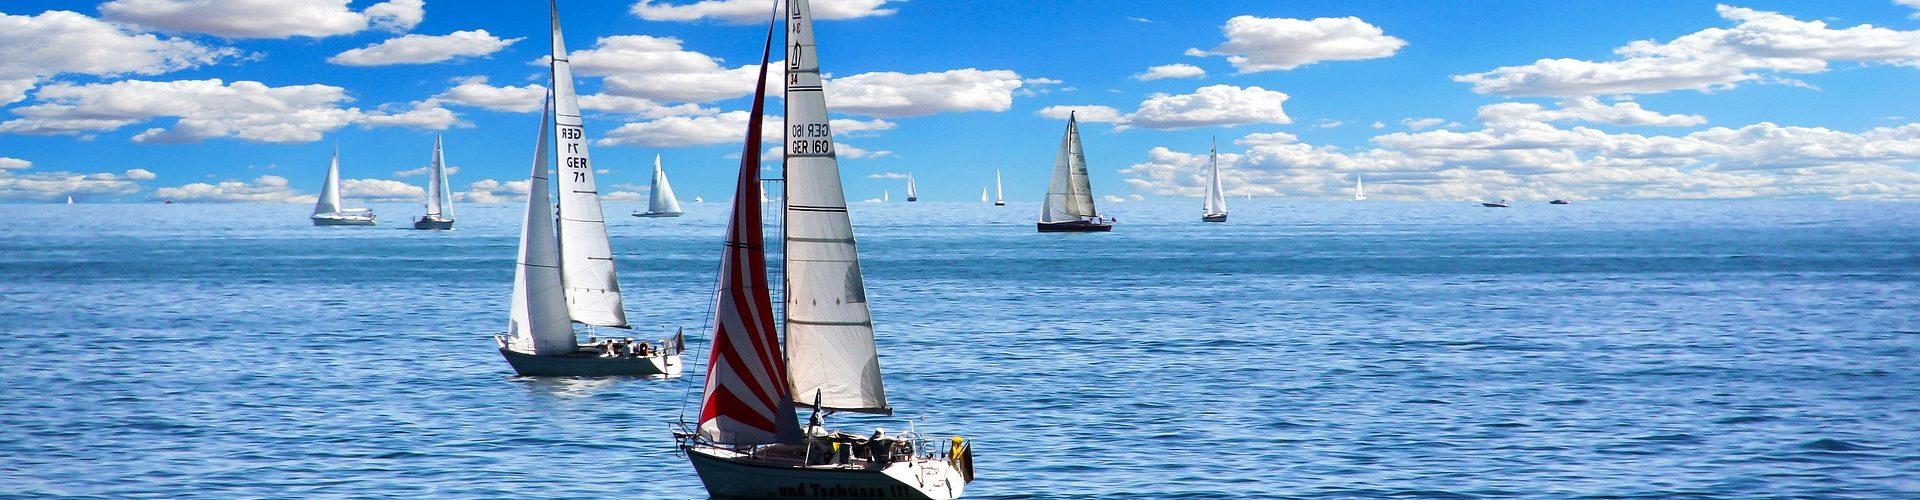 segeln lernen in Lindow Mark segelschein machen in Lindow Mark 1920x500 - Segeln lernen in Lindow (Mark)